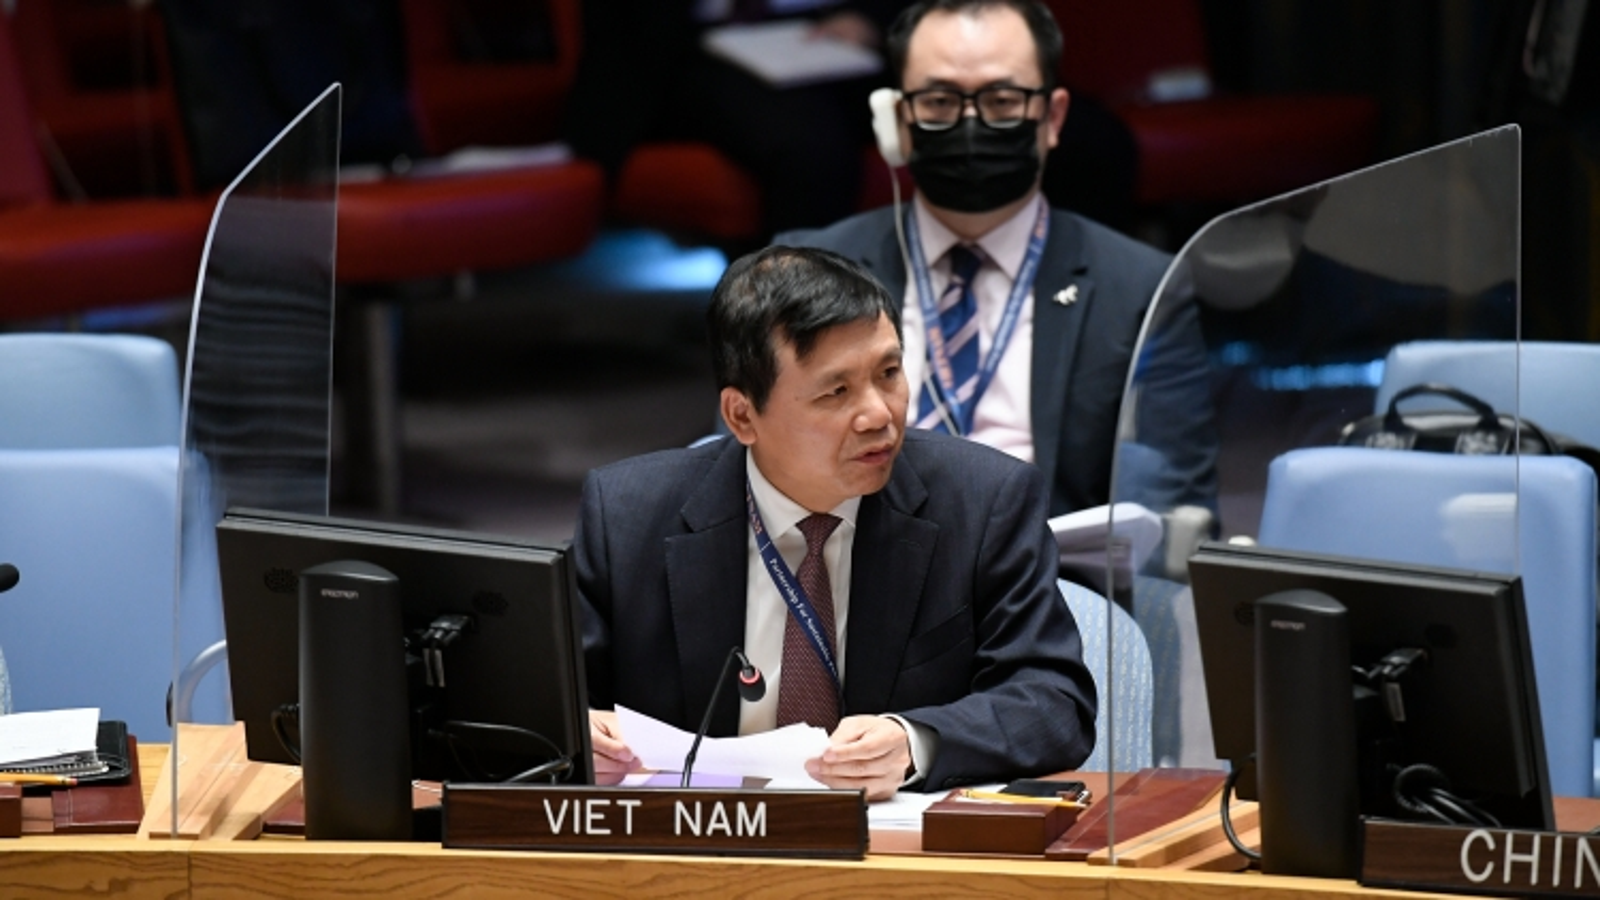 Việt Nam kêu gọi cộng đồng quốc tế tiếp tục hỗ trợ người dân Mali